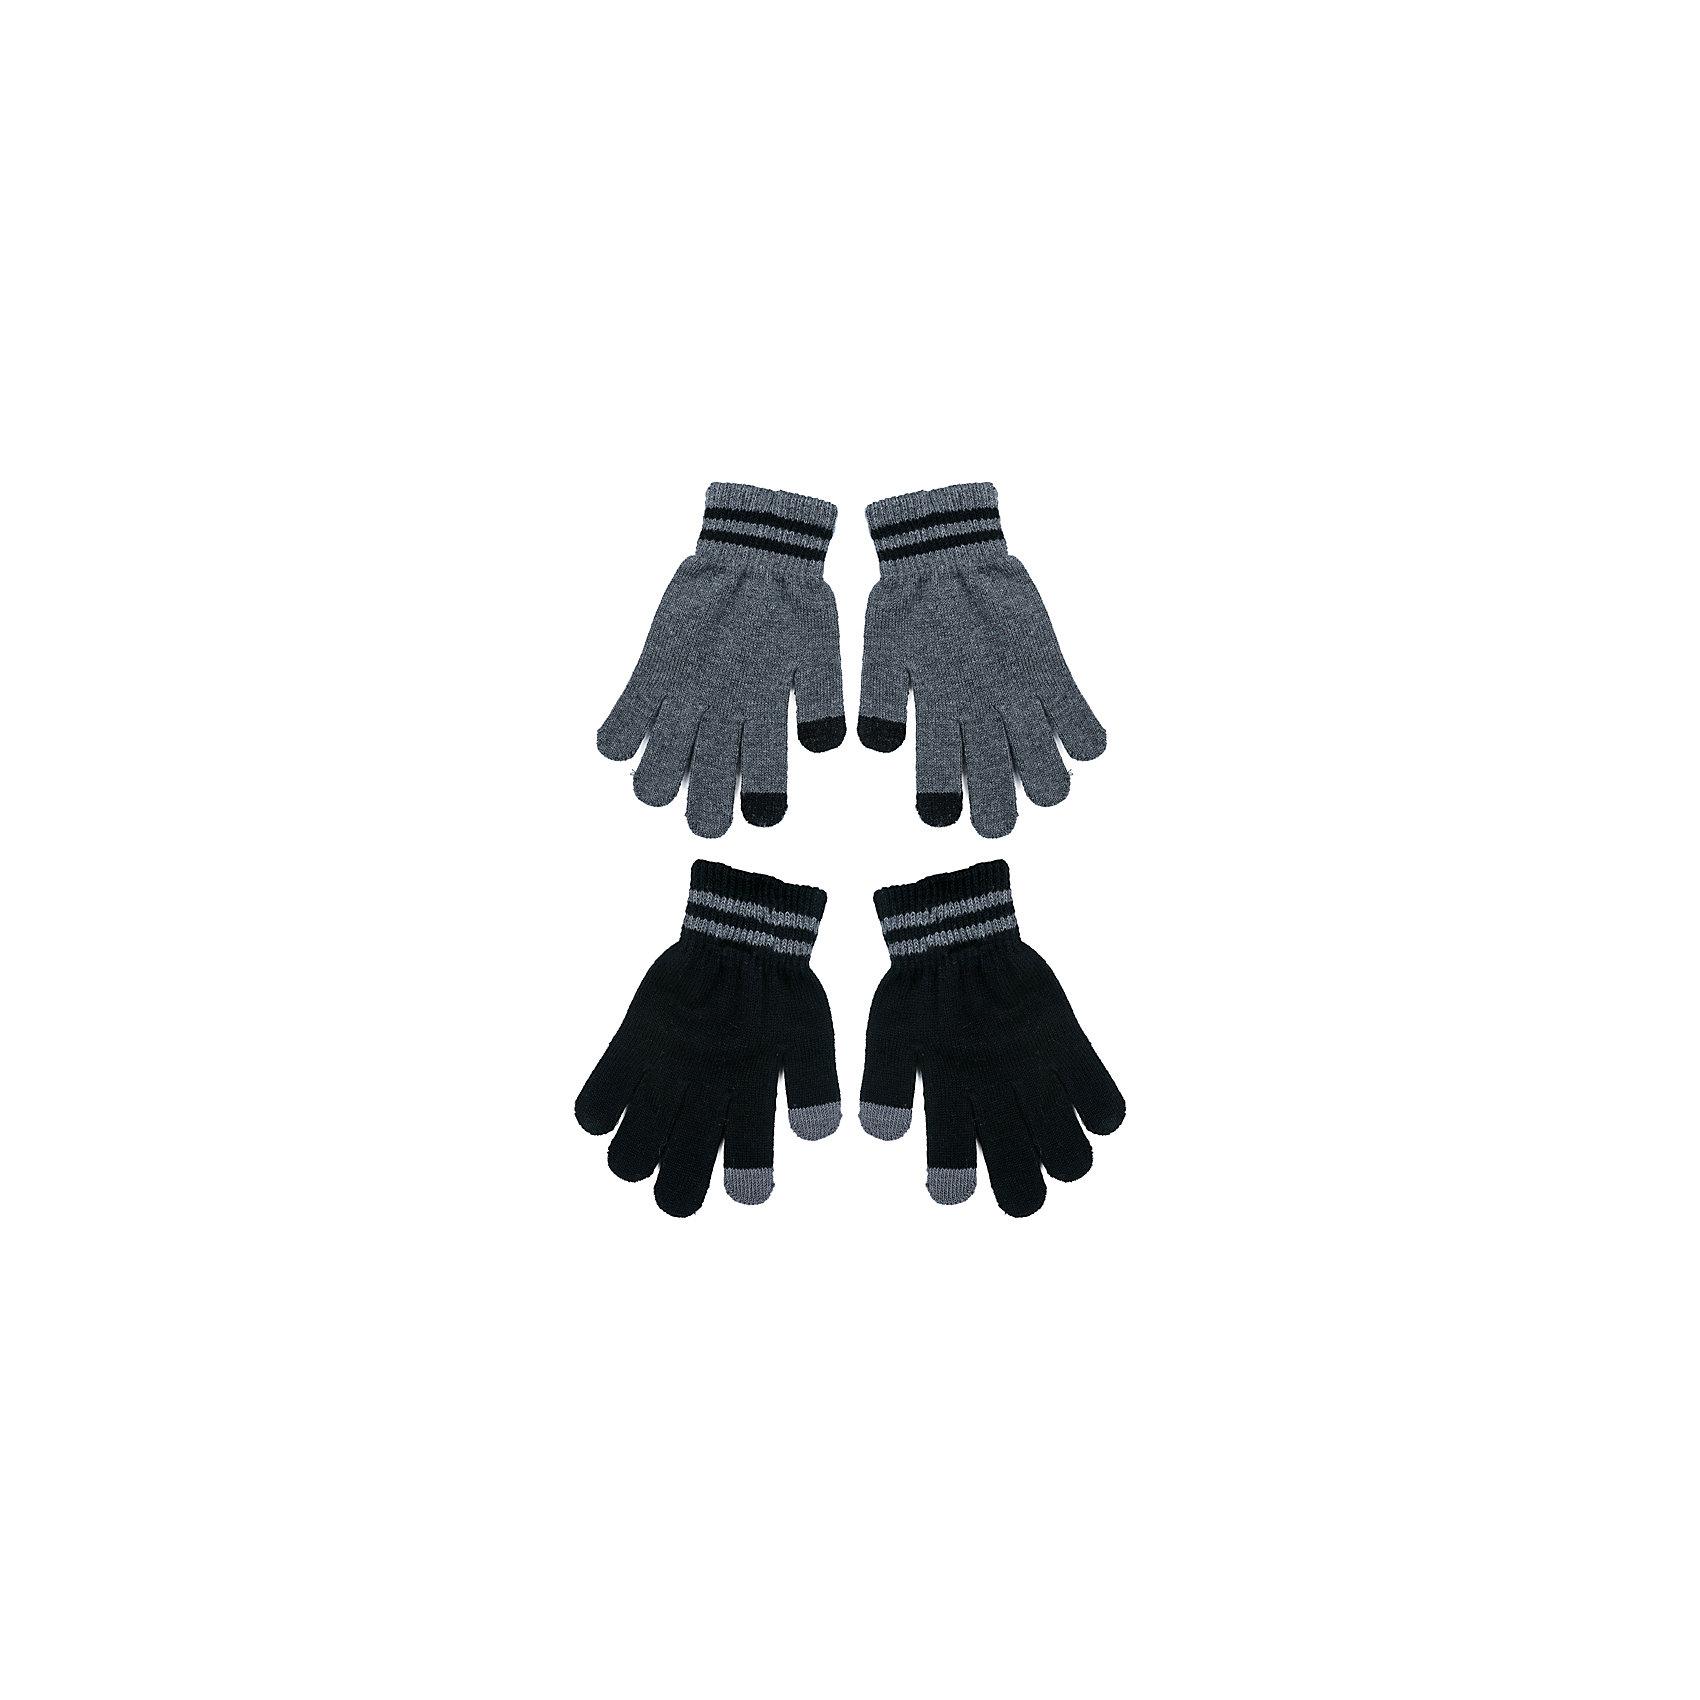 Перчатки PlayToday для мальчикаПерчатки, варежки<br>Перчатки PlayToday для мальчика<br>Smart Gloves. Перчатки для сенсорных экранов! Вязаные перчатки станут идеальным вариантом для прохладной погоды. Они очень мягкие, хорошо тянутся и прекрасно сохраняют тепло. На манжетах - плотная резинка, которая хорошо держит перчатки на руках ребенка. На большом и указательном пальцах специальные нити, которые позволяют пользоваться телефоном, не снимая перчаток с рук.<br>Состав:<br>80% хлопок, 18% нейлон, 2% эластан<br><br>Ширина мм: 162<br>Глубина мм: 171<br>Высота мм: 55<br>Вес г: 119<br>Цвет: белый<br>Возраст от месяцев: 84<br>Возраст до месяцев: 96<br>Пол: Мужской<br>Возраст: Детский<br>Размер: 4,2,3<br>SKU: 7106038